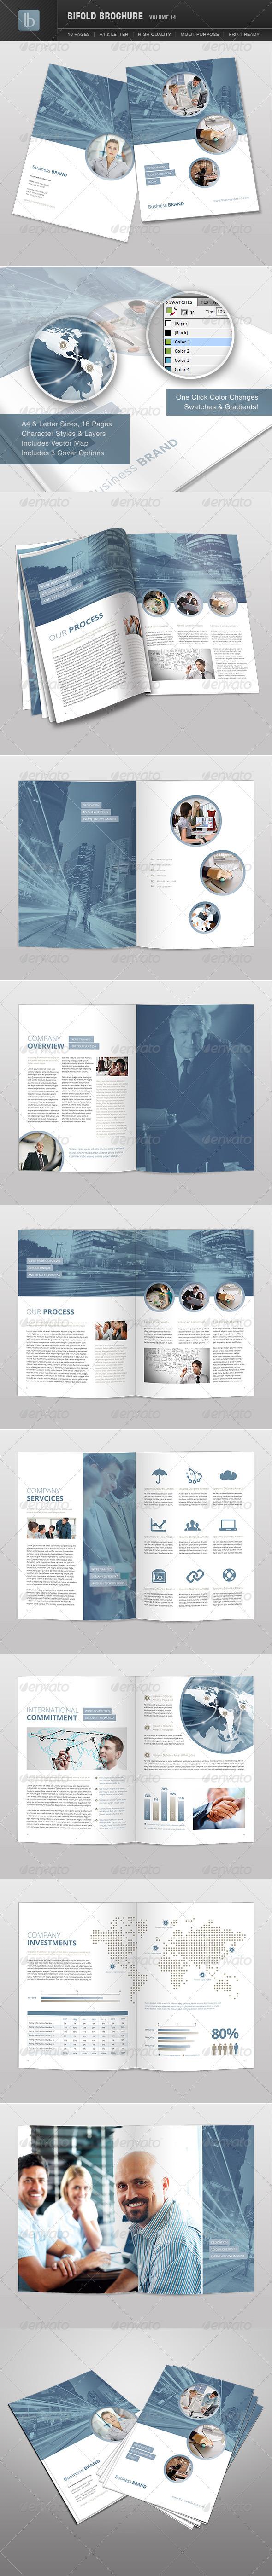 Bifold Brochure | Volume 14 - Brochures Print Templates